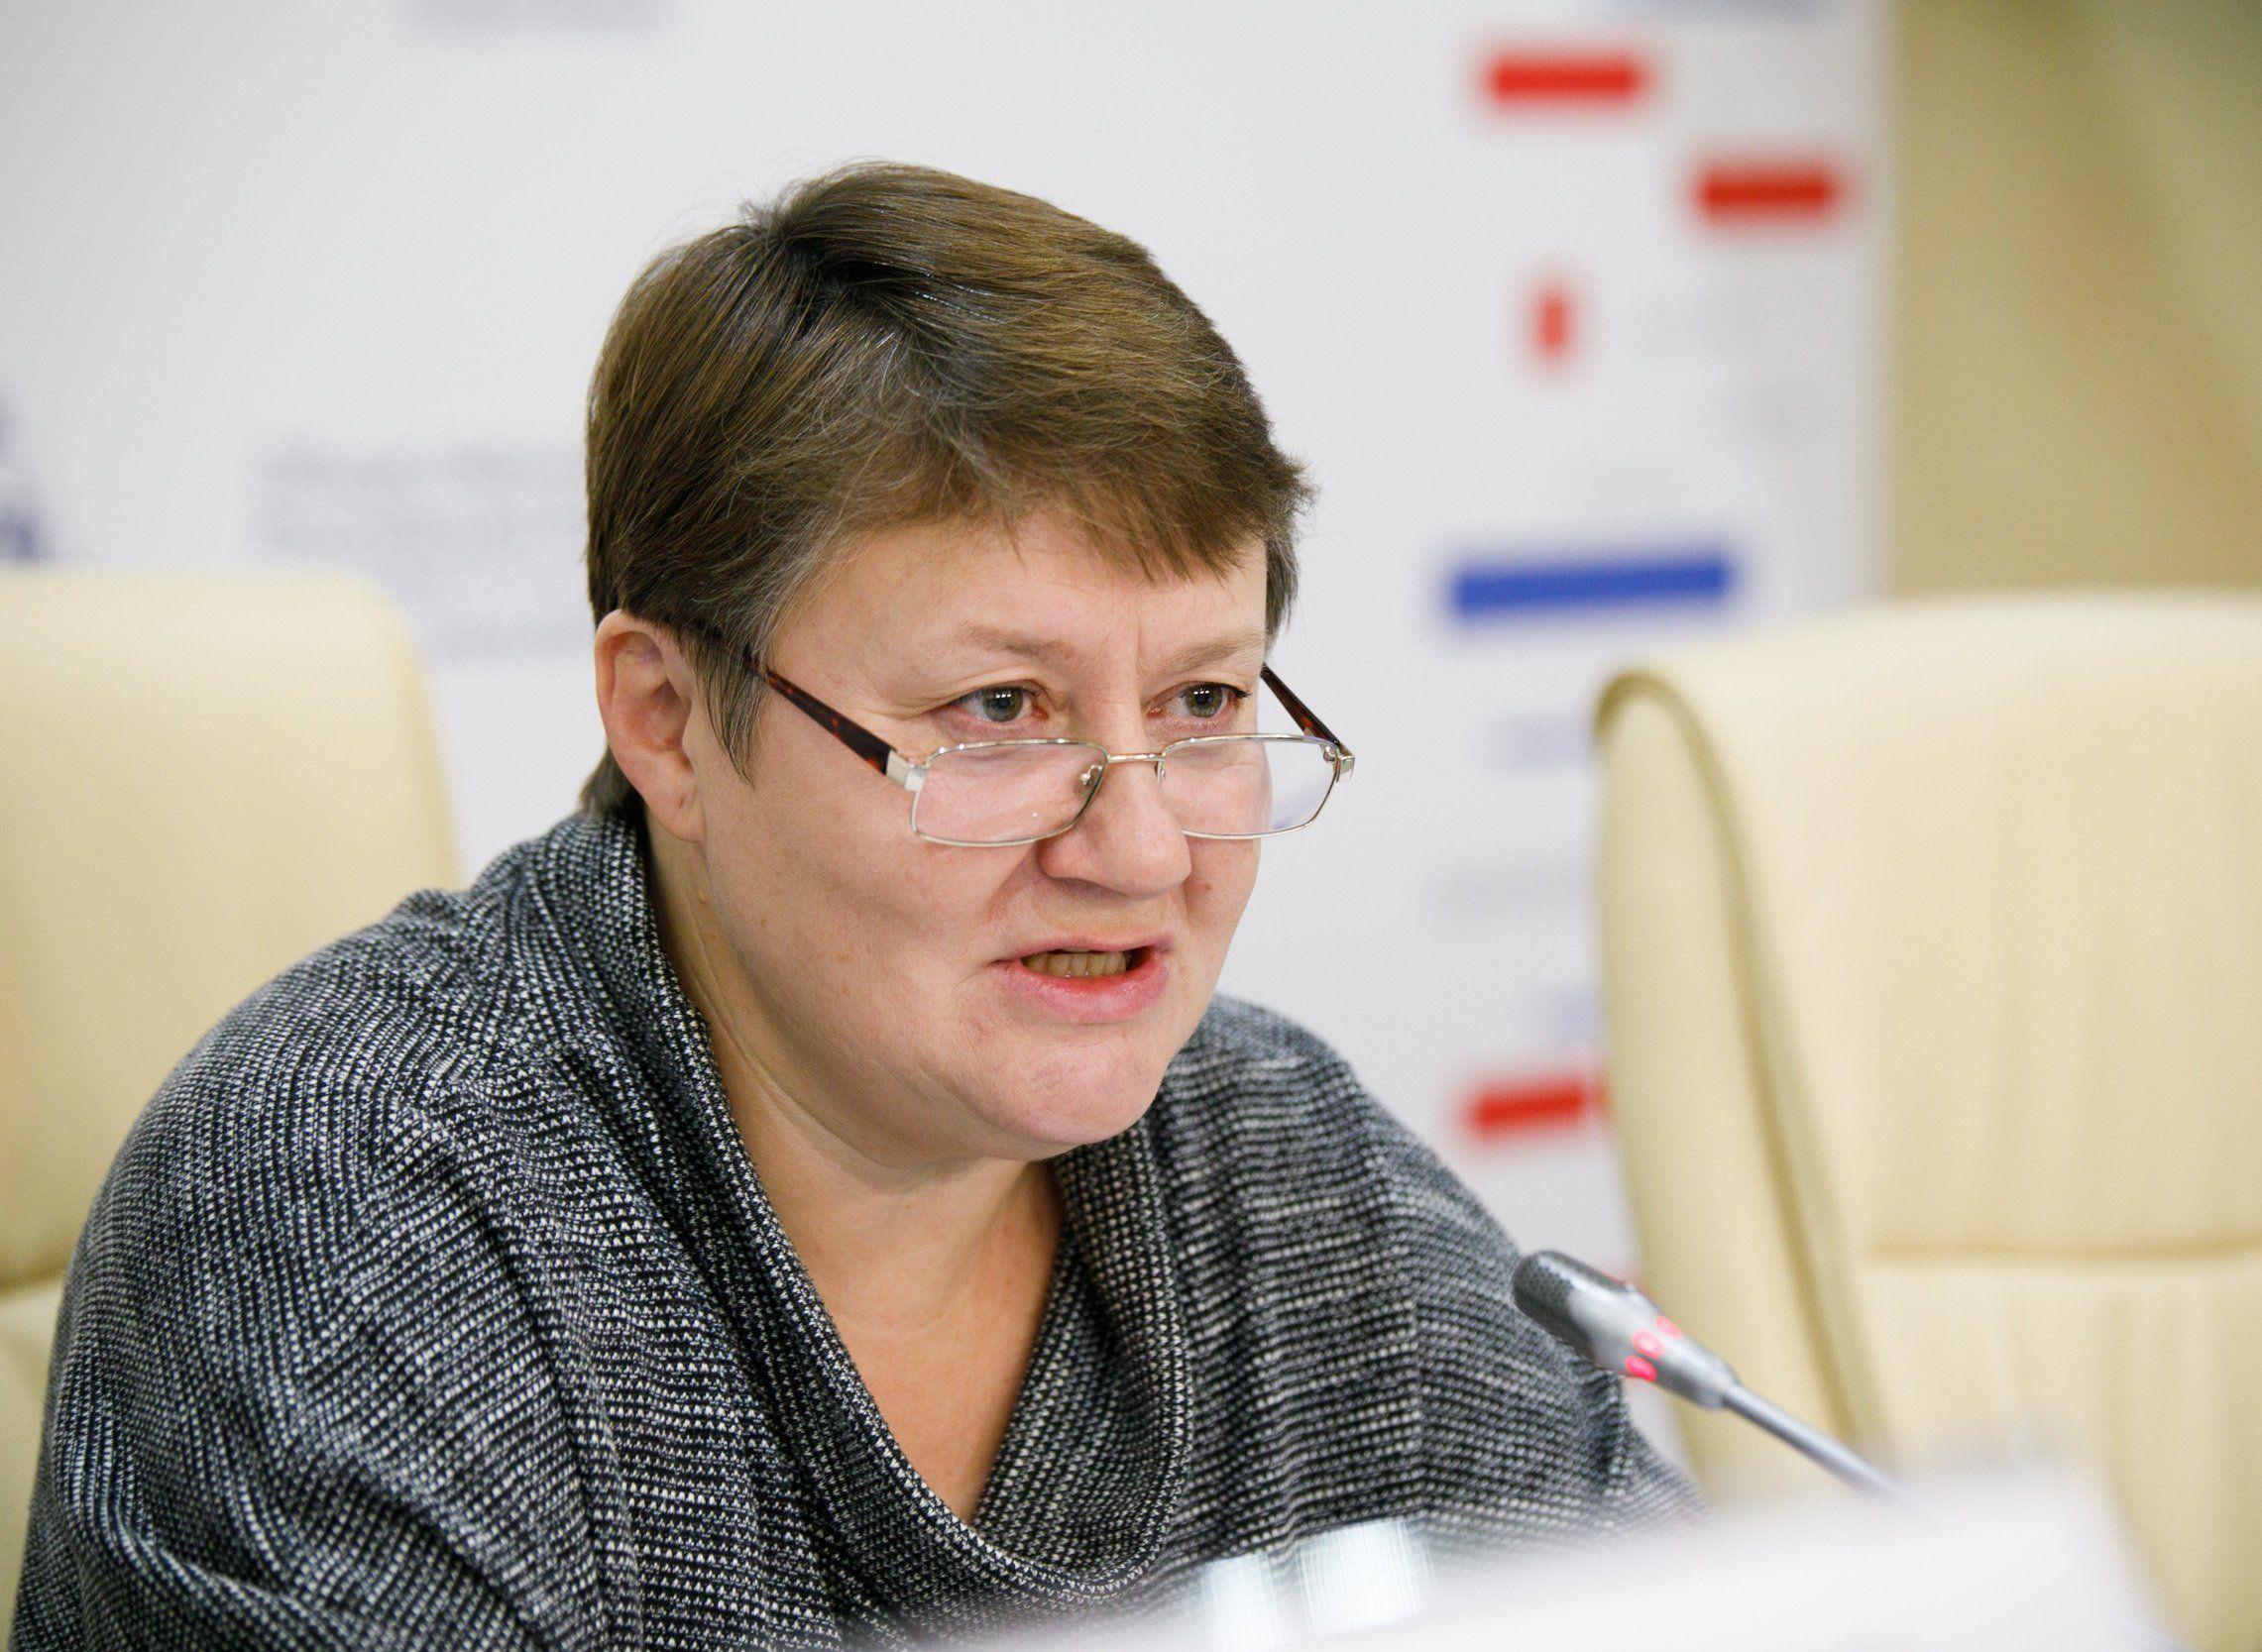 Серия образовательных вебинаров по работе с детьми, проживающими в организациях для детей-сирот, прошла в Московской области